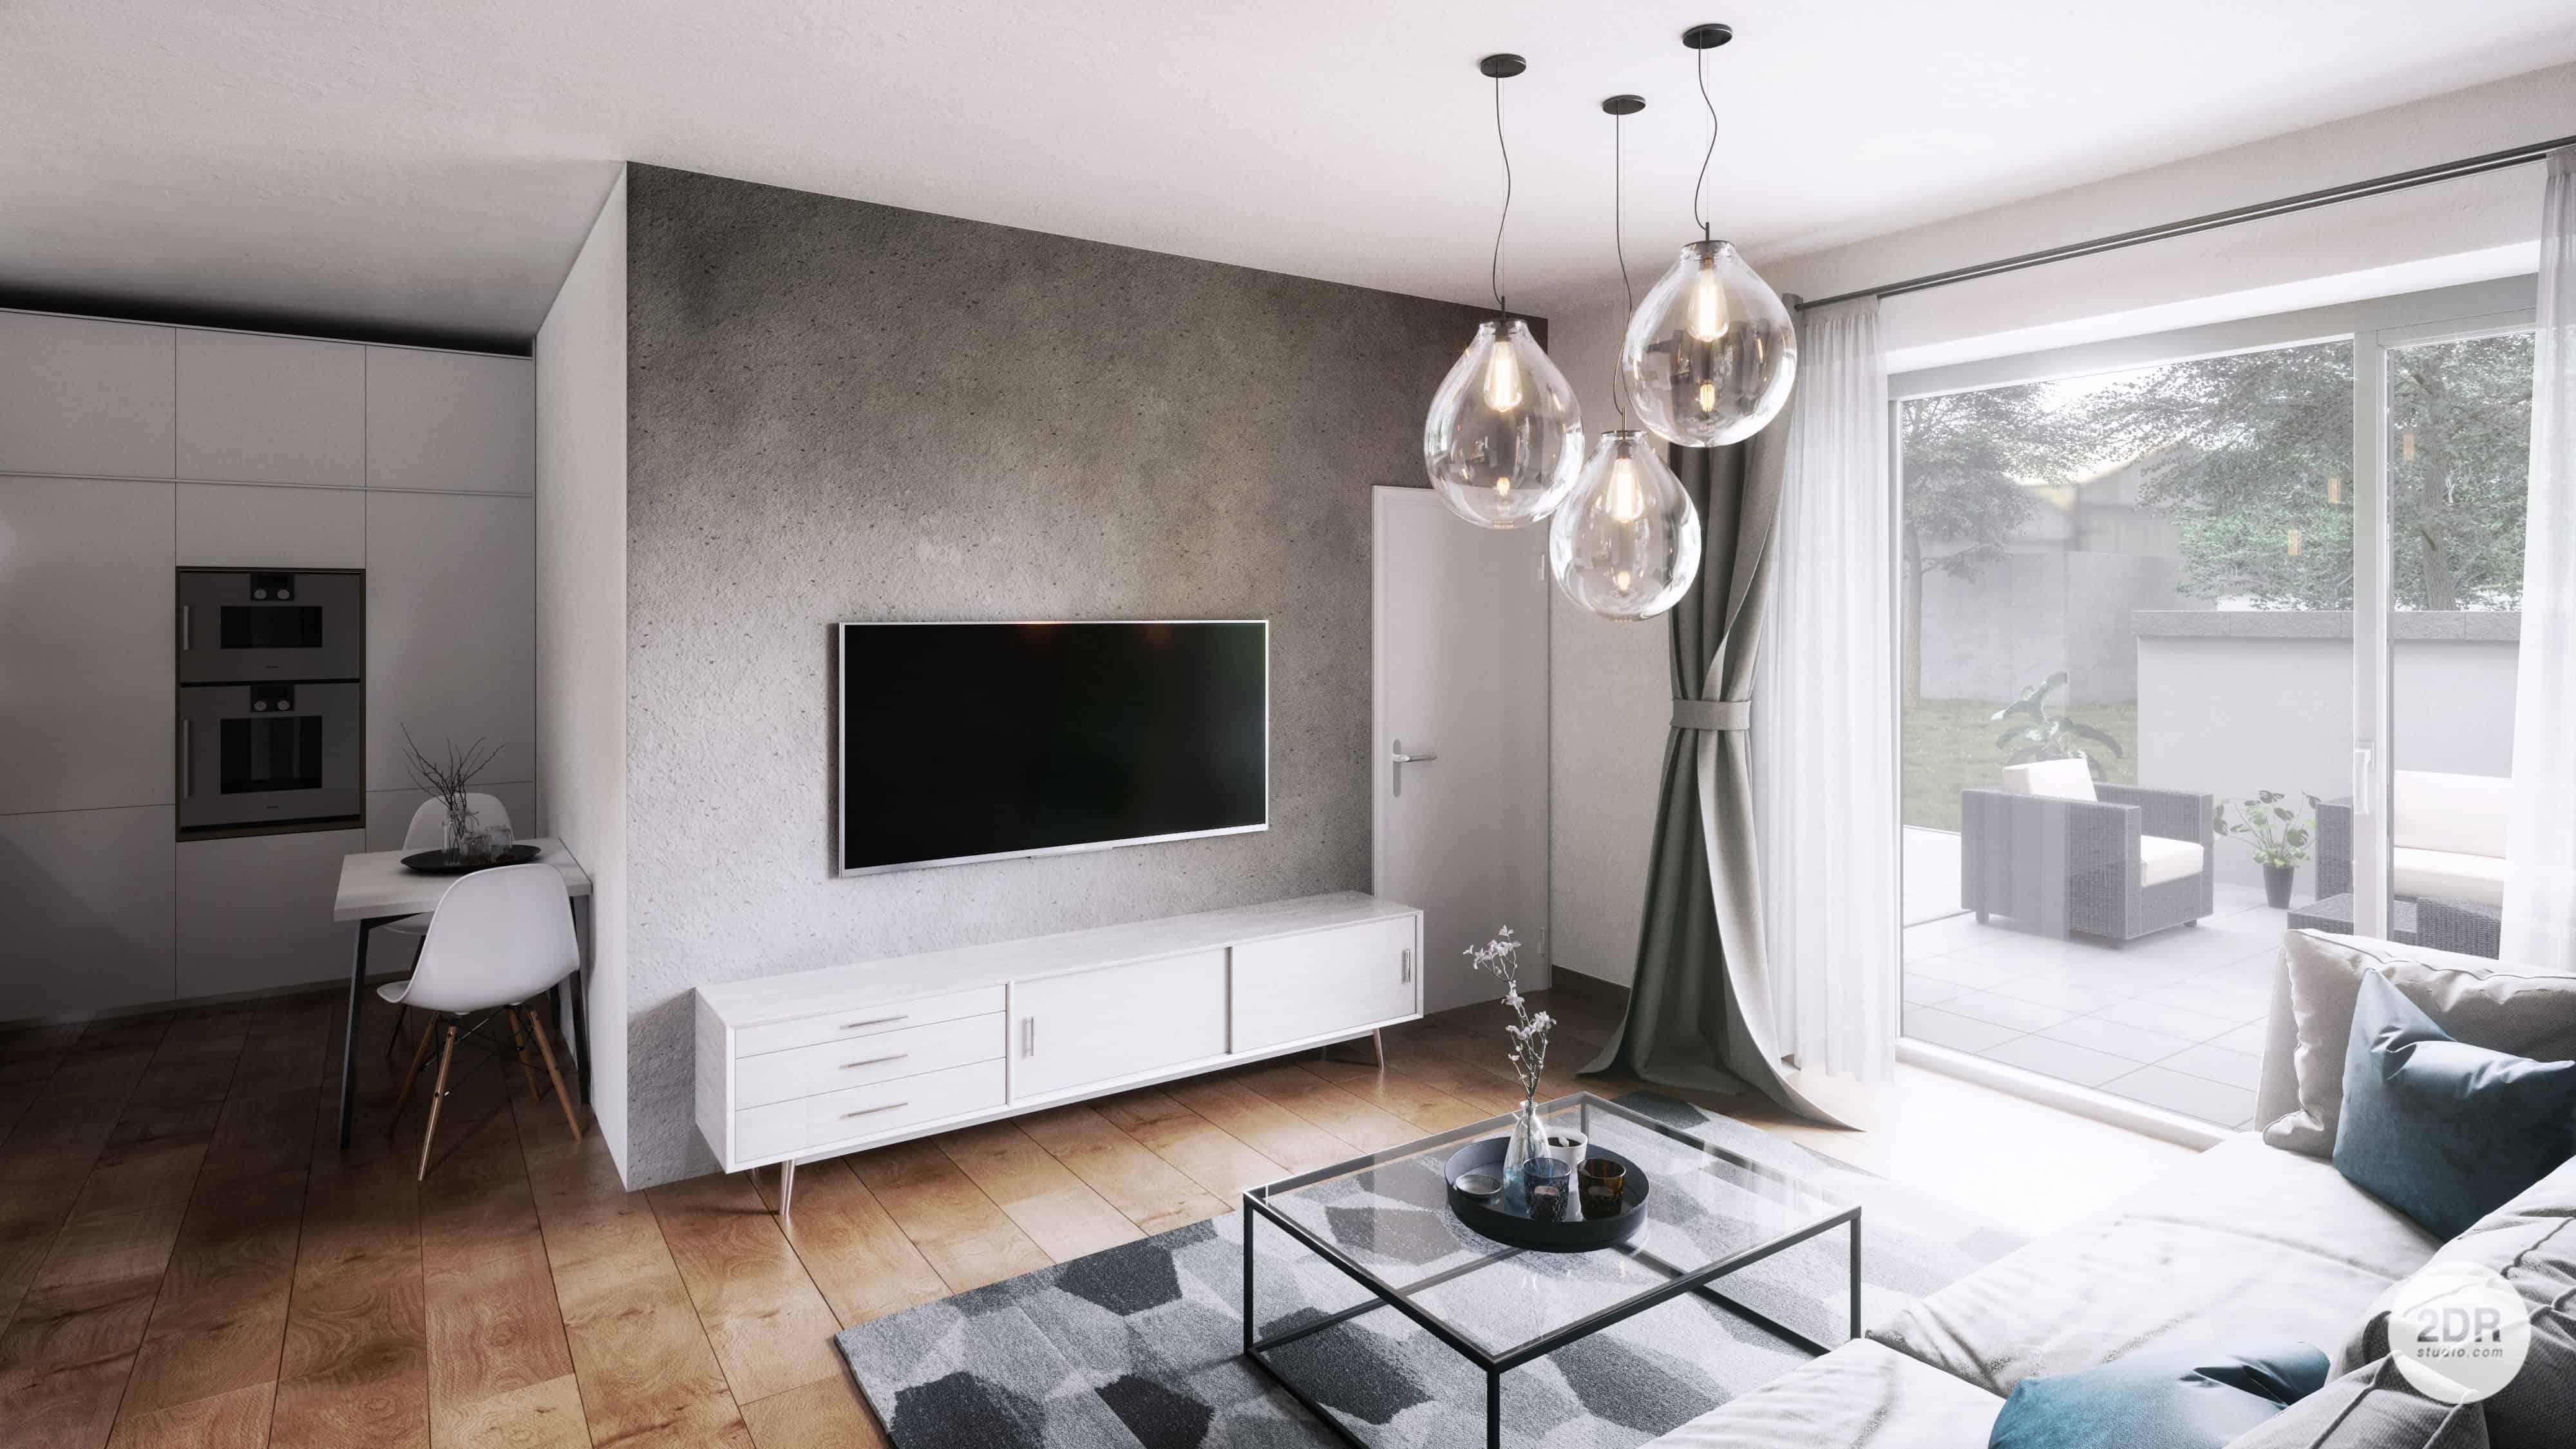 obyvaci-pokoj-bytove-domy-budova-interier-plzen-architektonicka-vizualizace